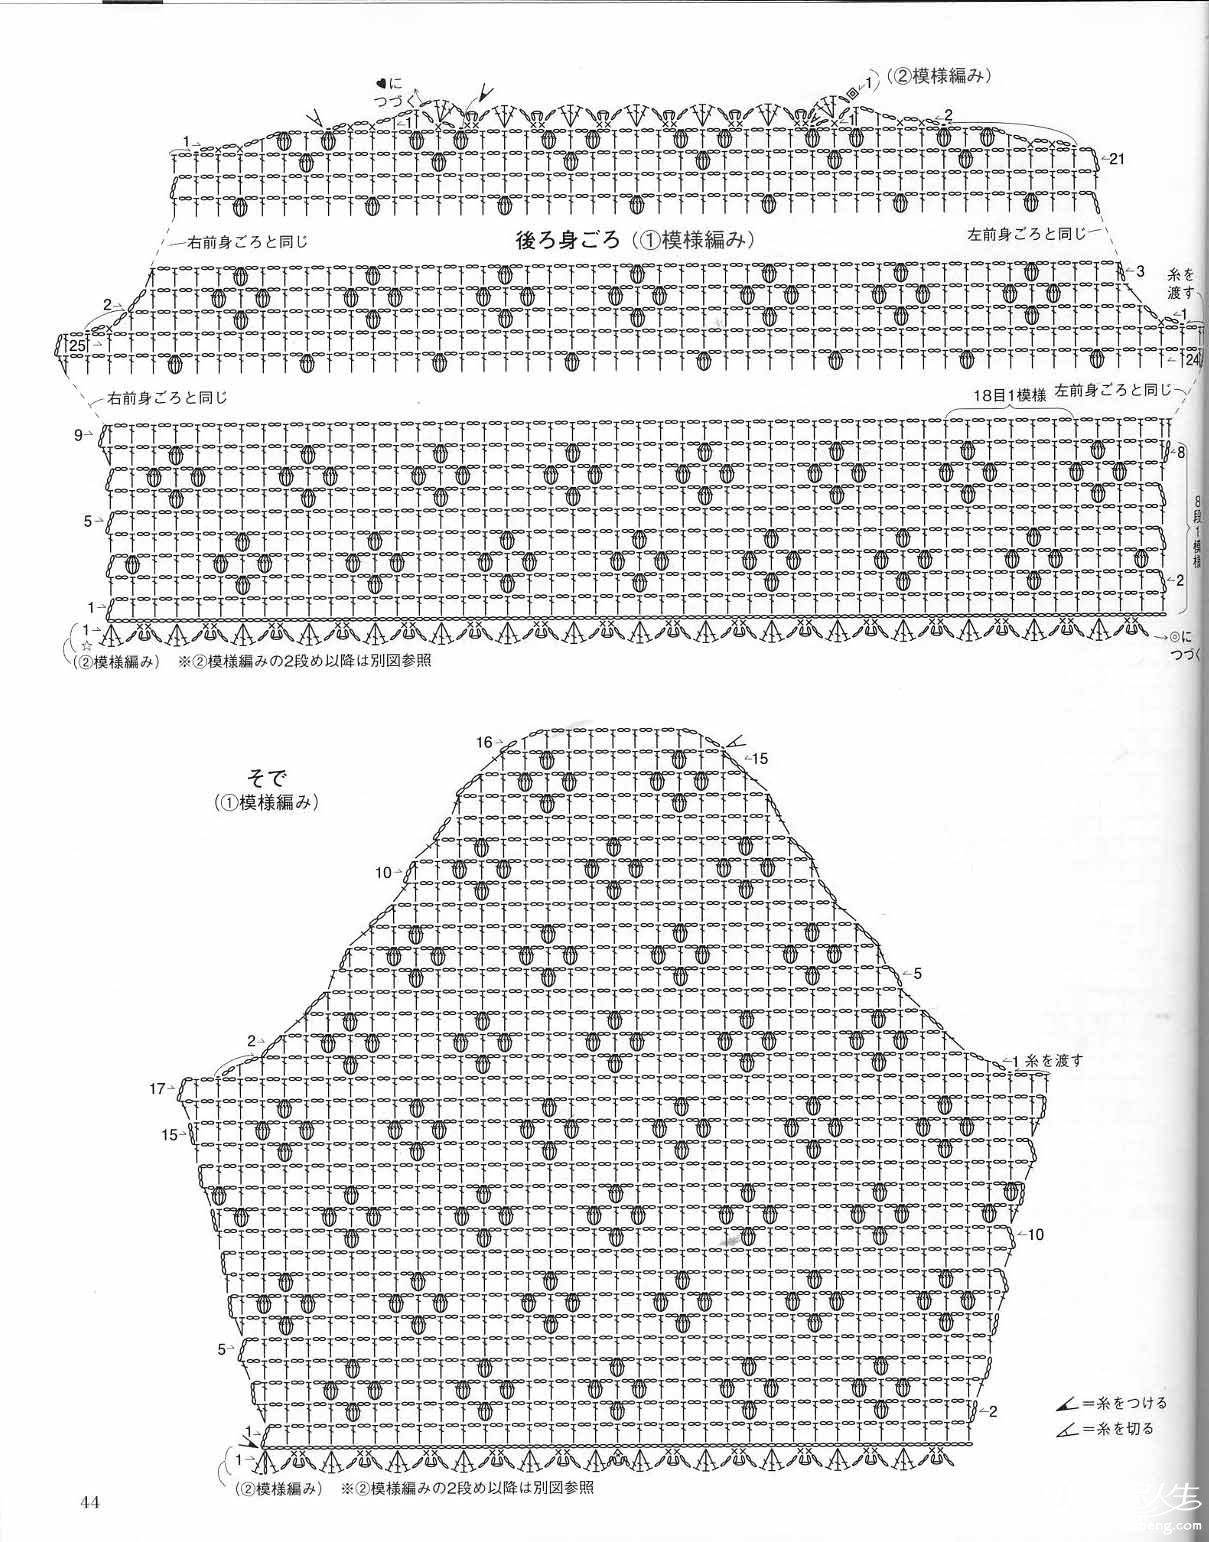 白玉莲中袖衣3.jpg